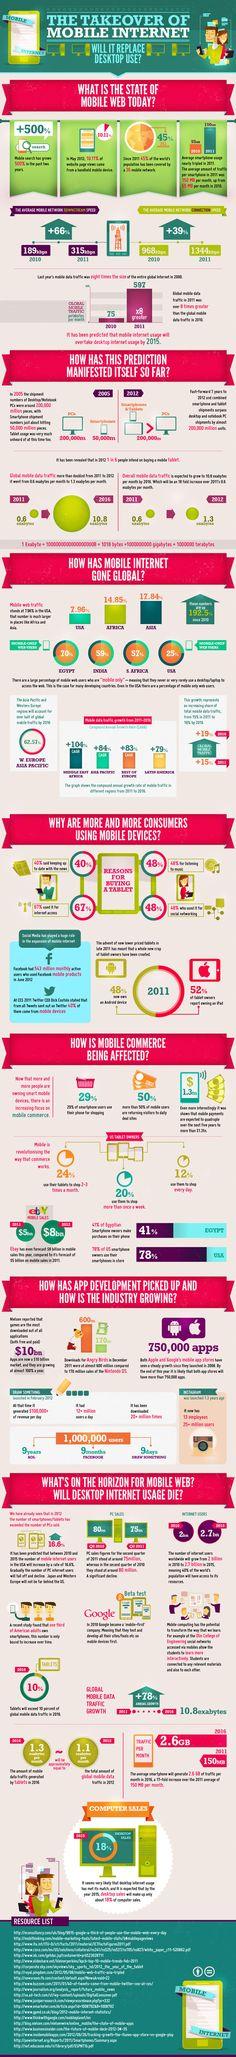 Der Aufstieg des Mobile Web in Zahlen [Infografik]